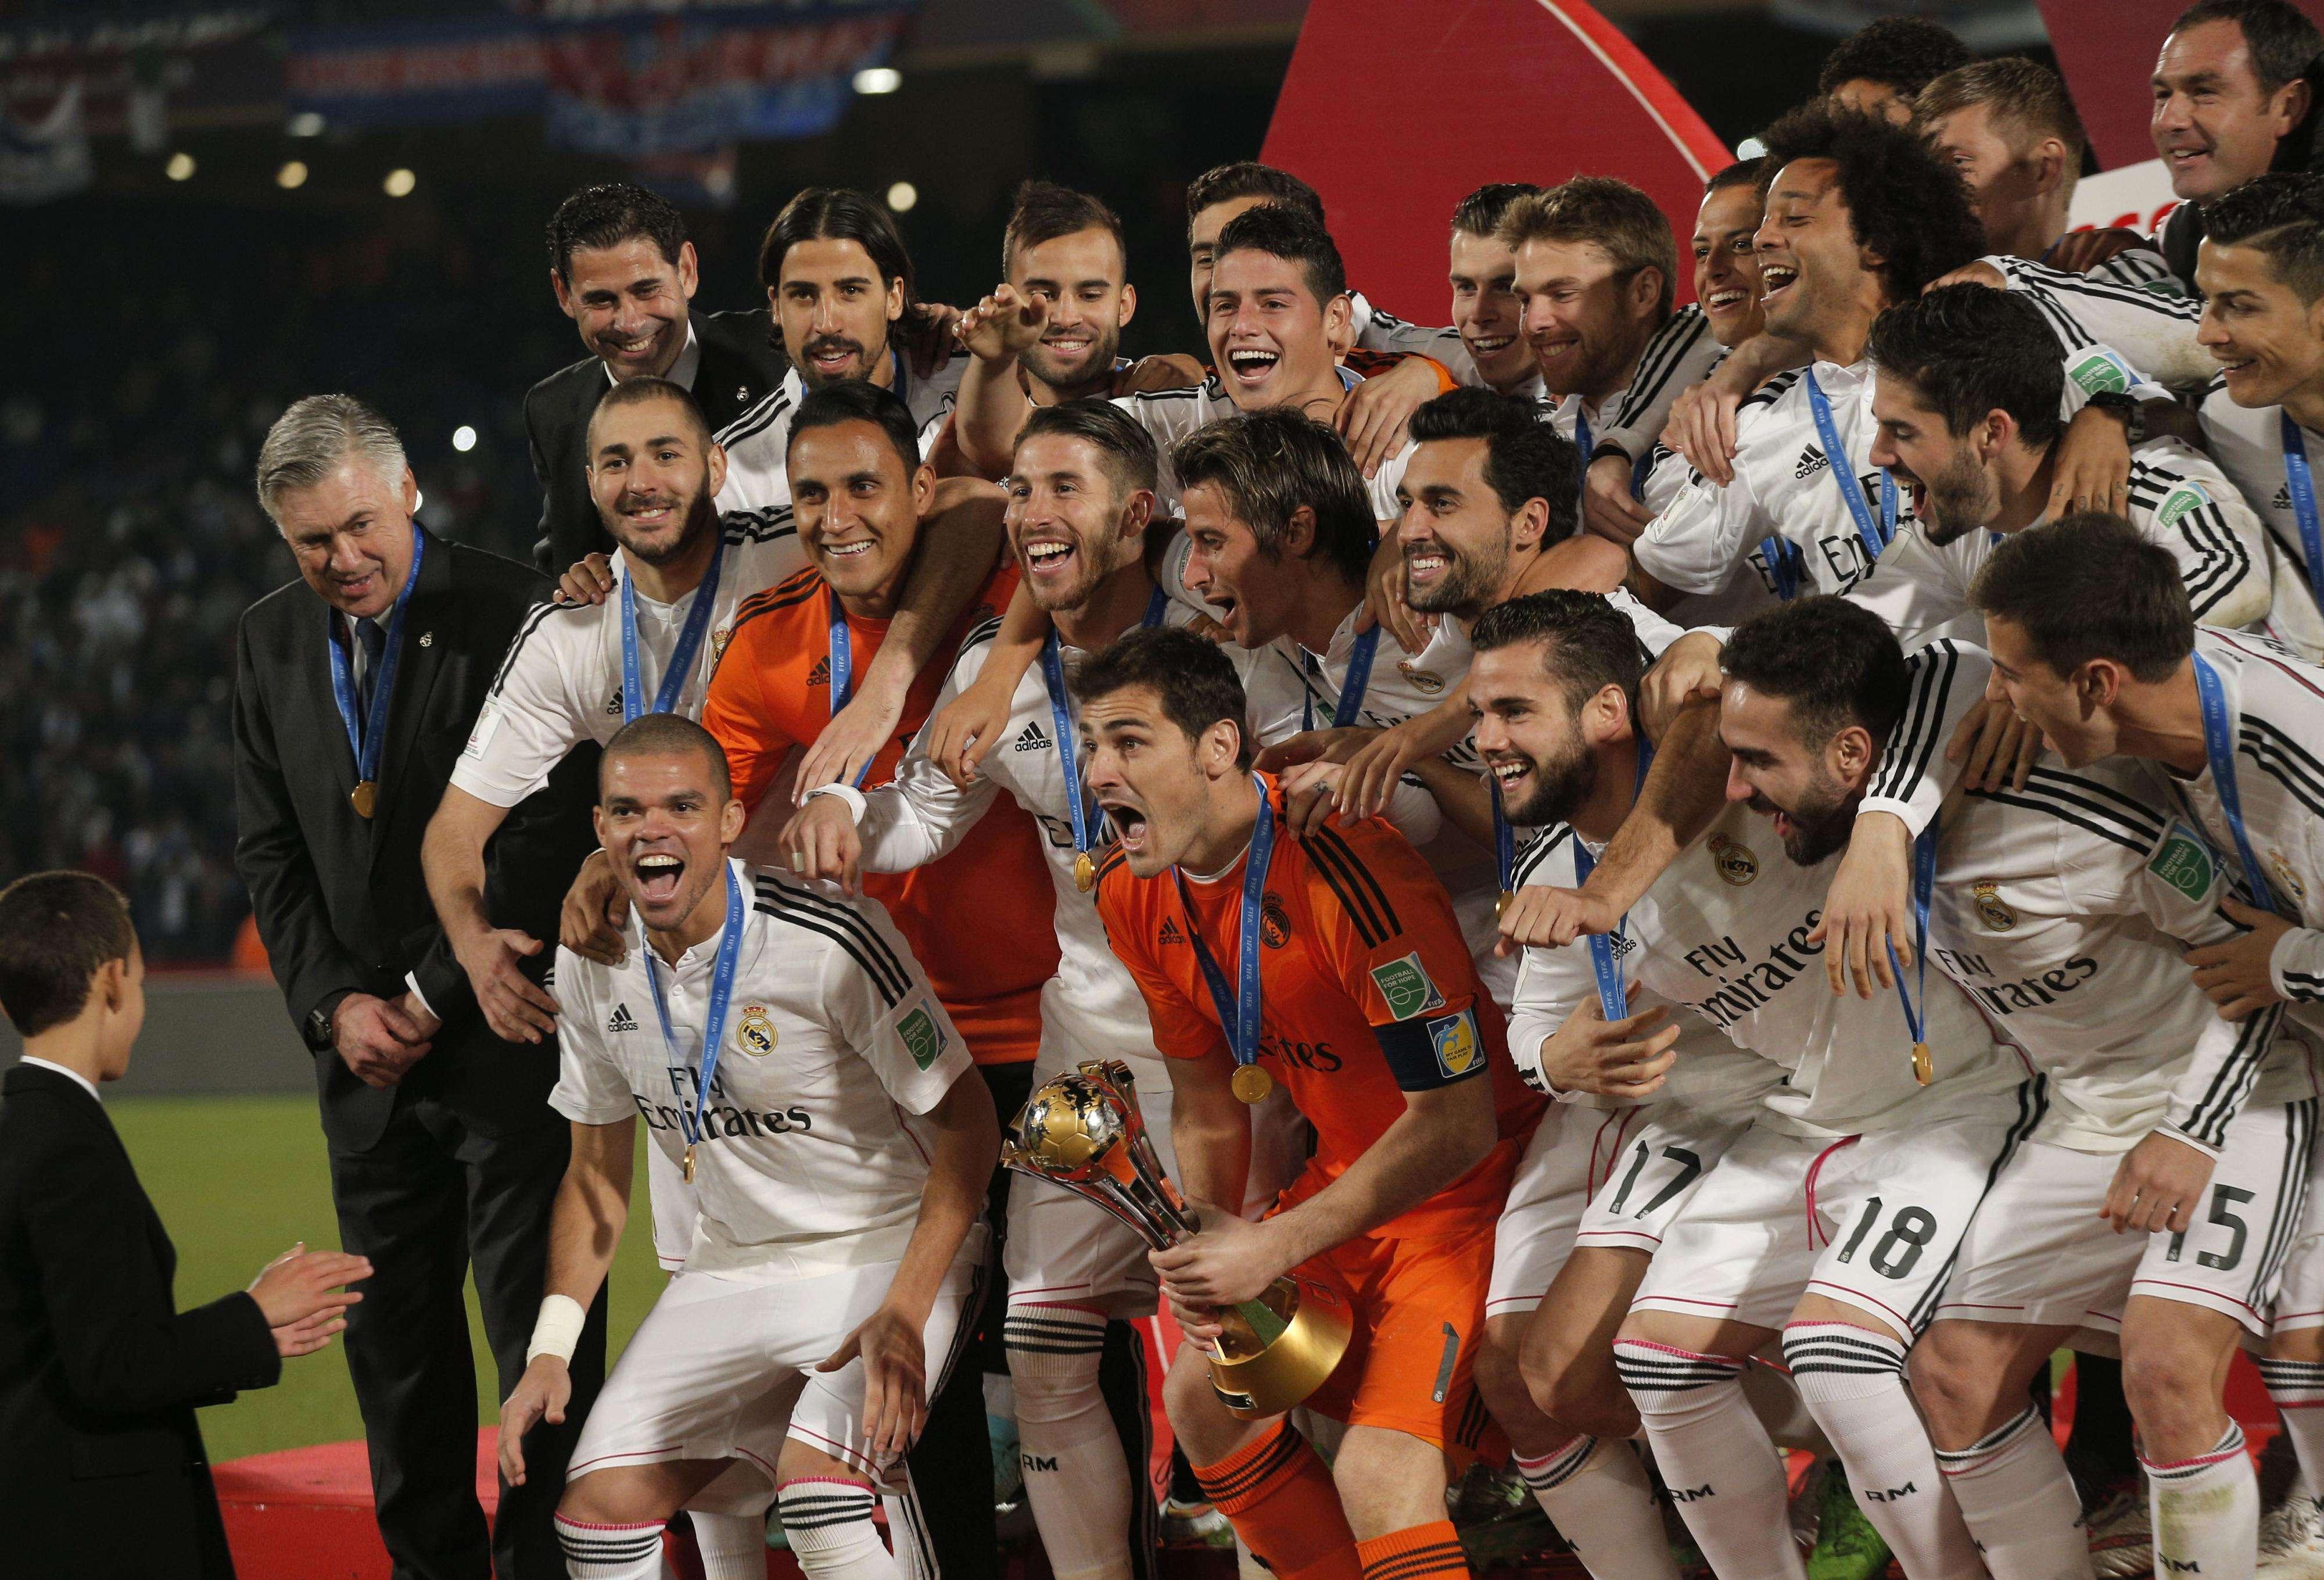 Iker Casillas levanta taça e festeja com companheiros Foto: Christoph Ena/AP